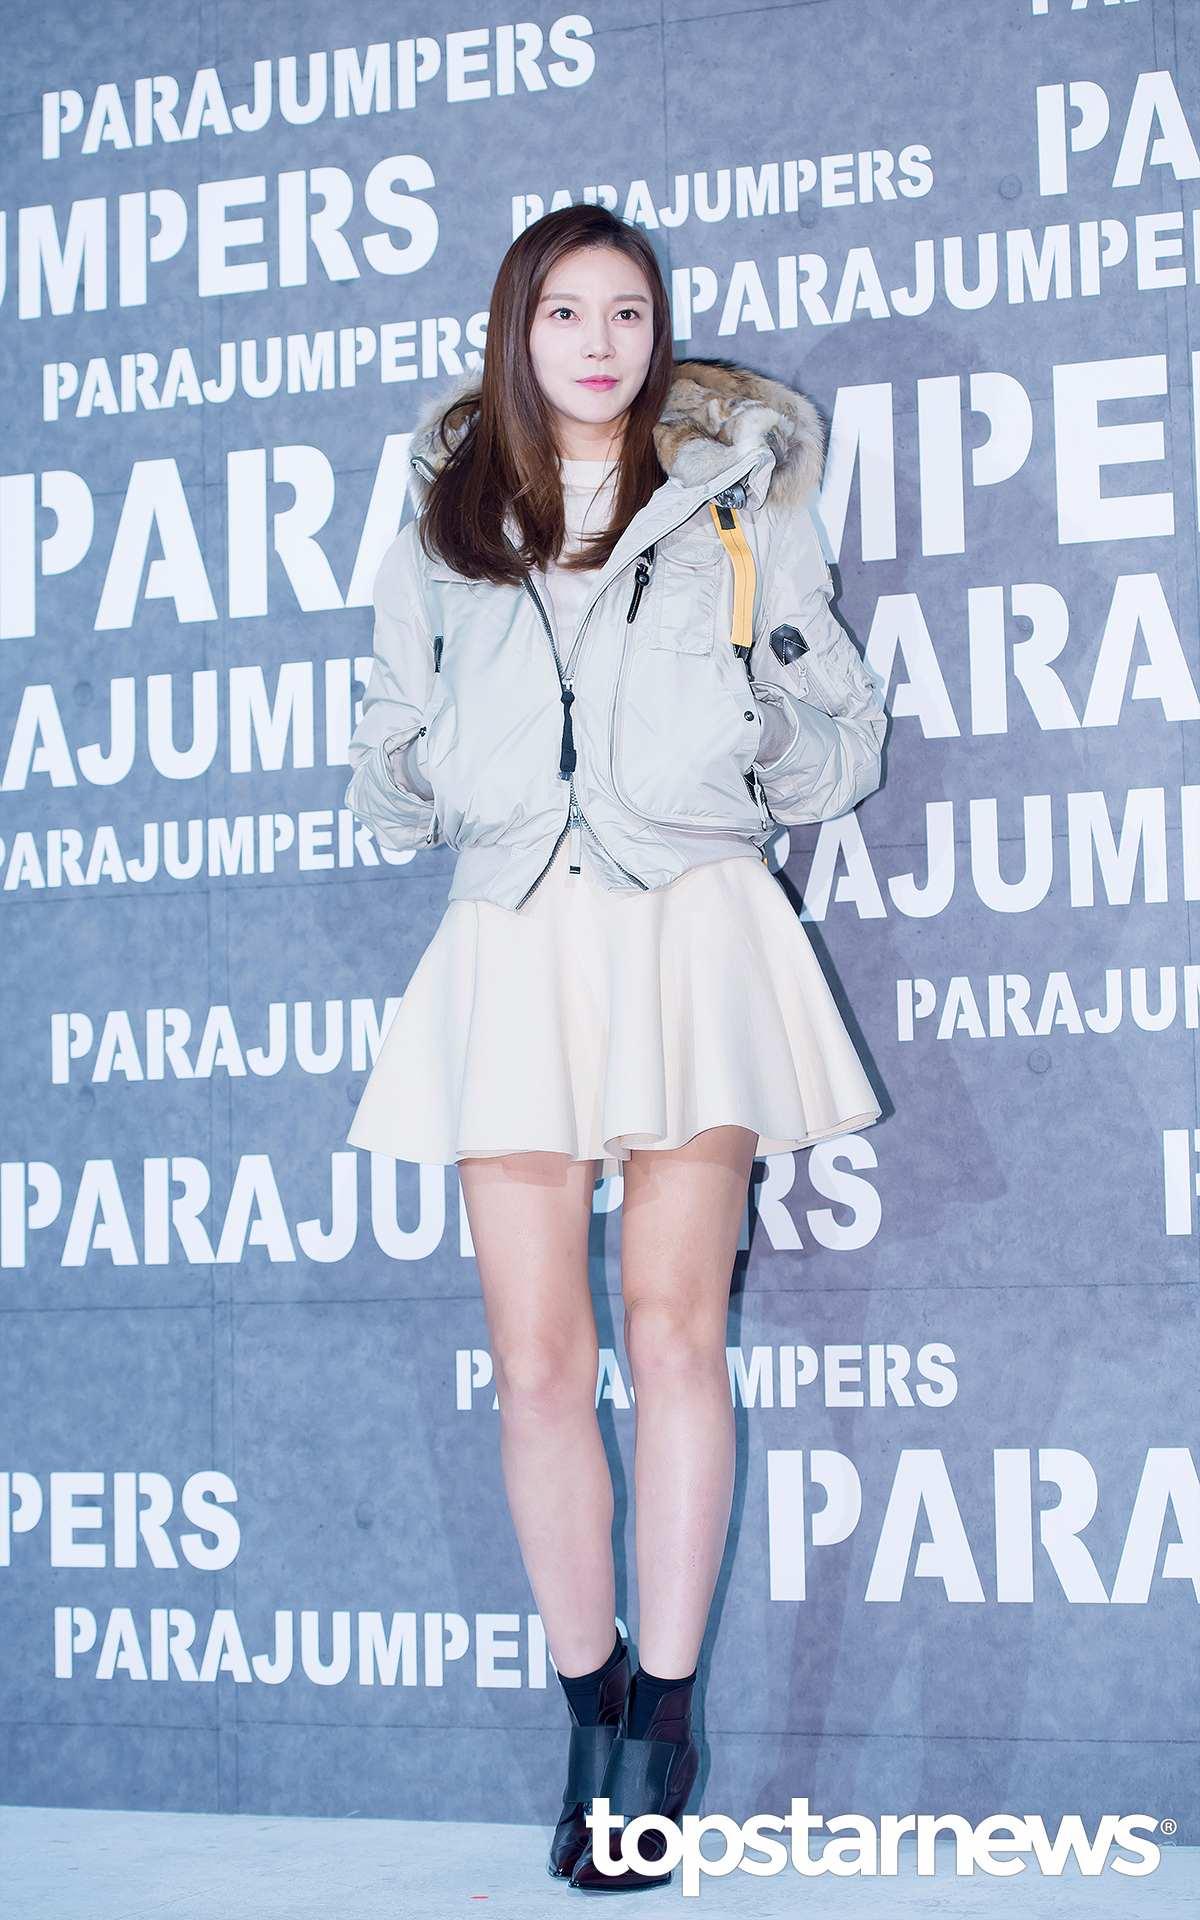 車藝蓮也是羽絨大衣+短裙的搭配..但是選擇的是短款,加上與百褶裙顏色相似,營造出一種活潑可愛的魅力^^